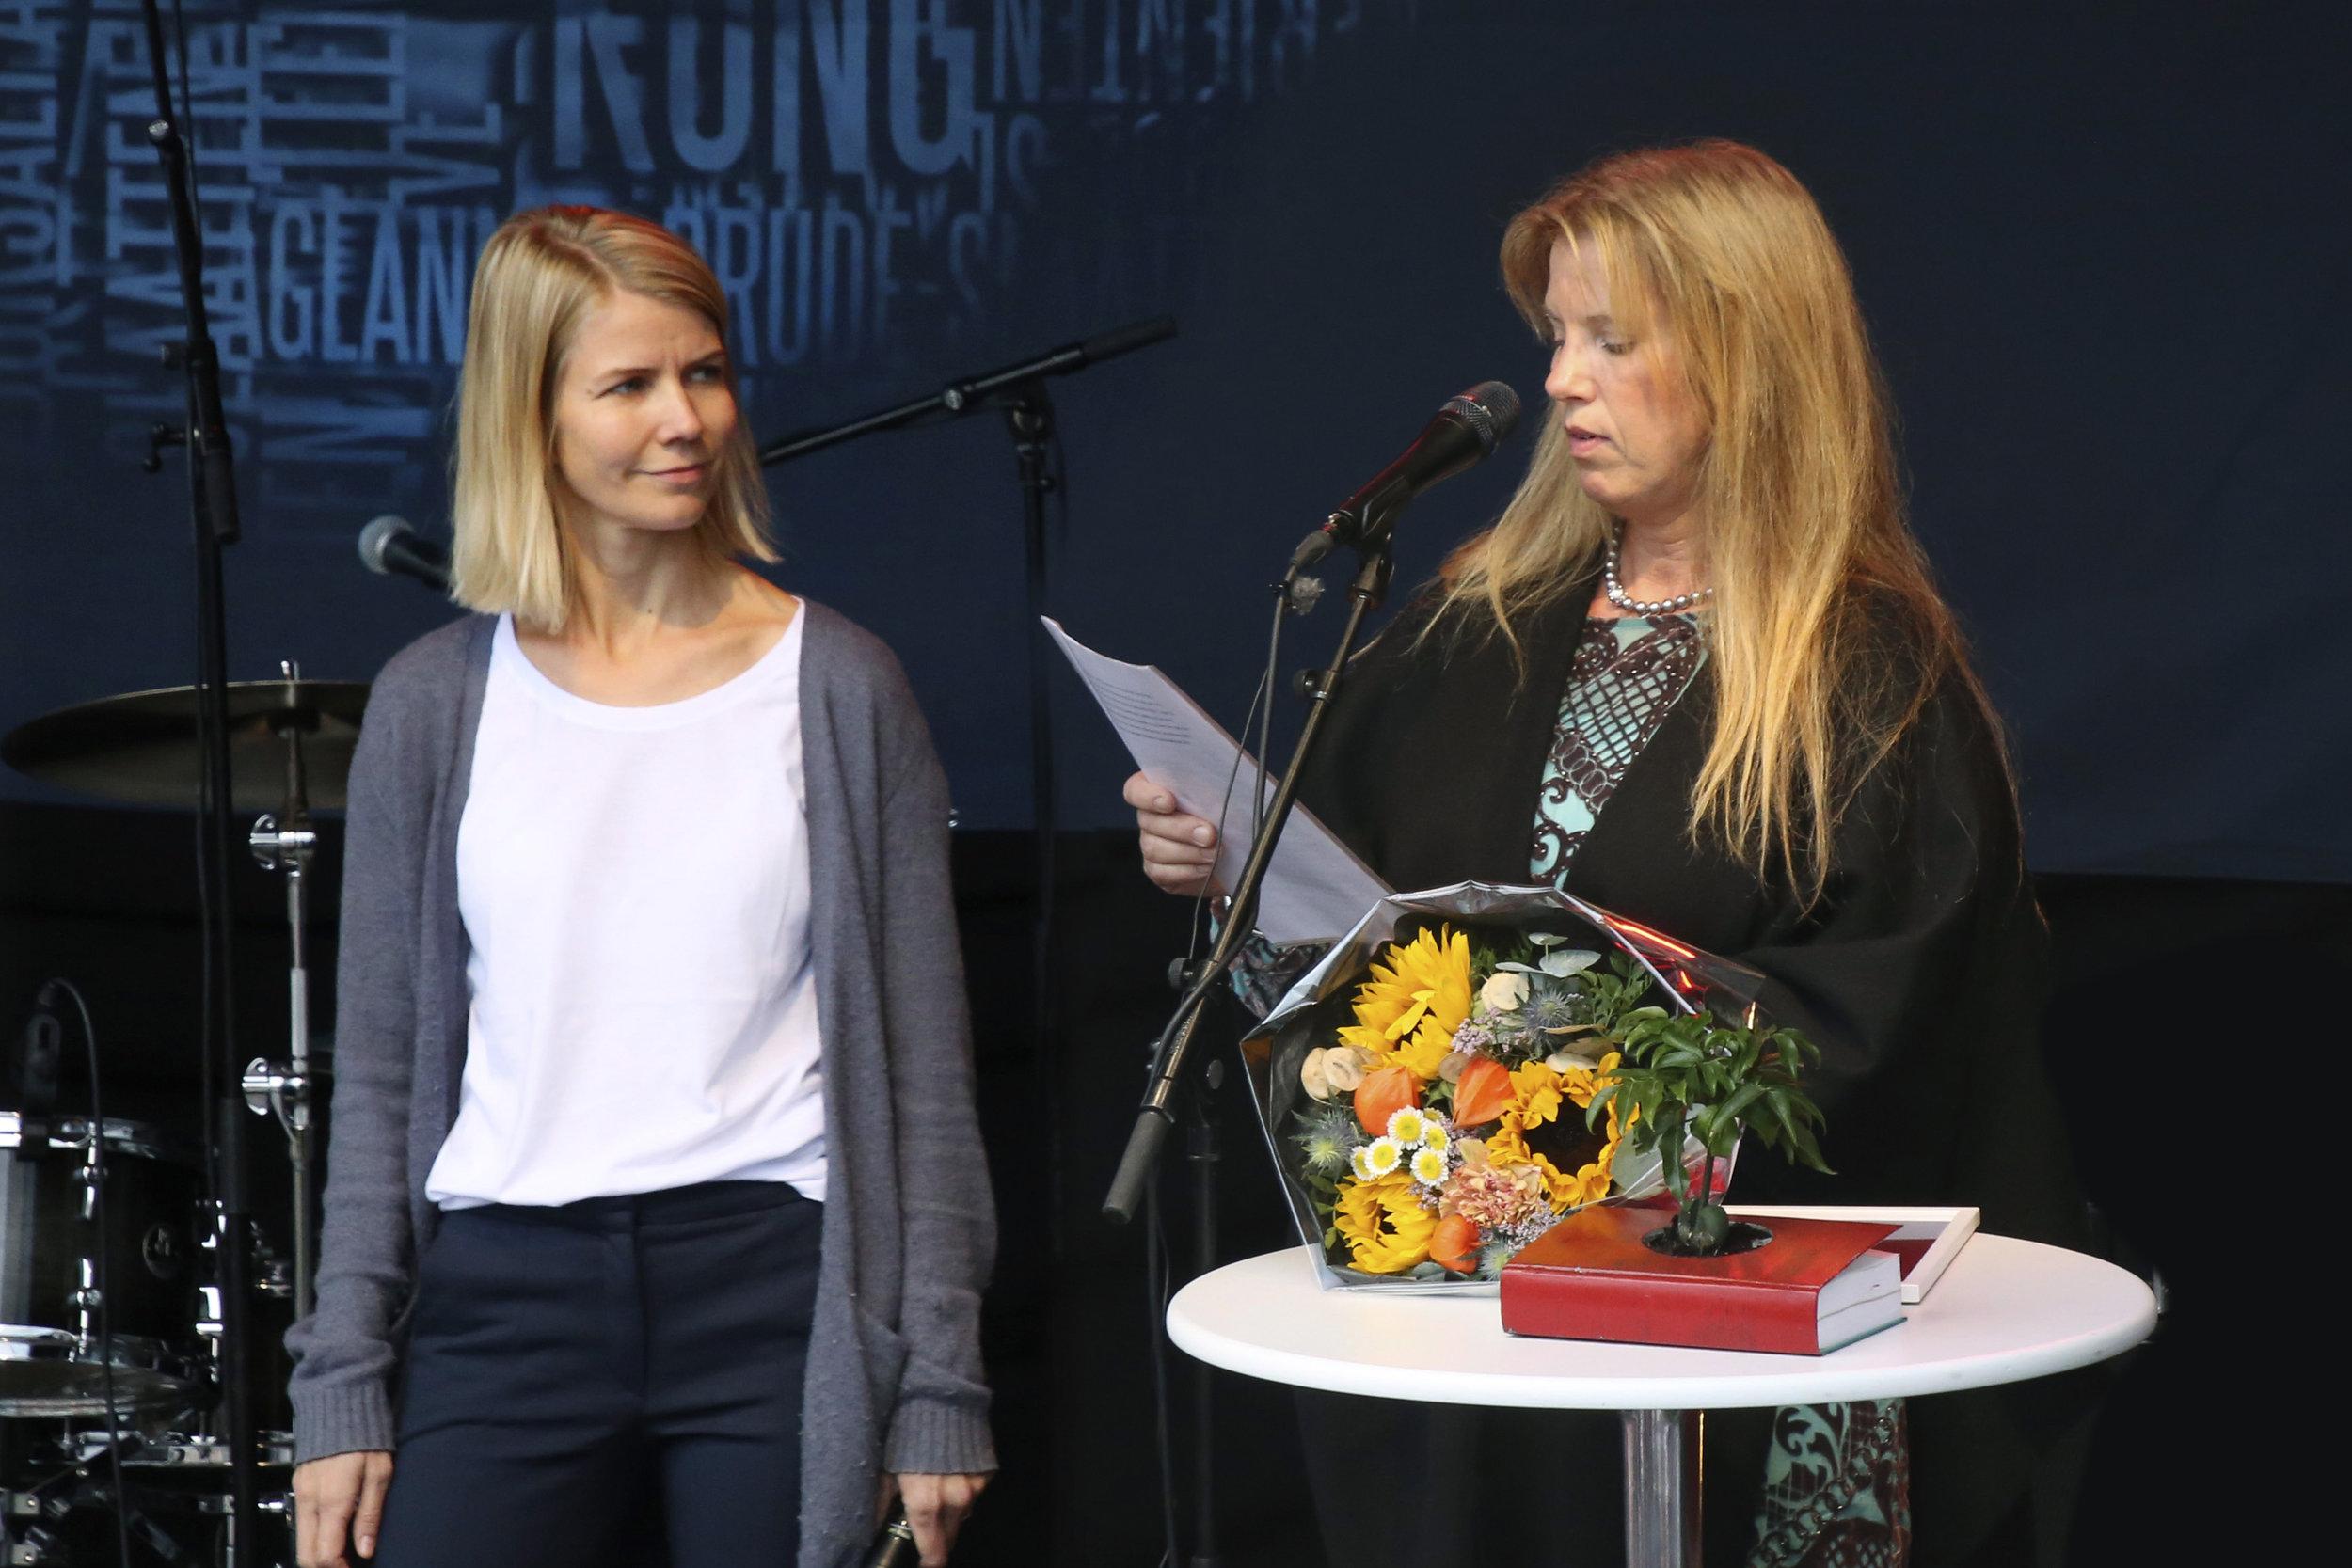 Bjørnsonstipendvinner:  Therese Tungen mottok årets Bjørnsonstipend av Trine Stensen, leder av Bokhandlerforeningen. Foto: Sven Erik Skarsbø